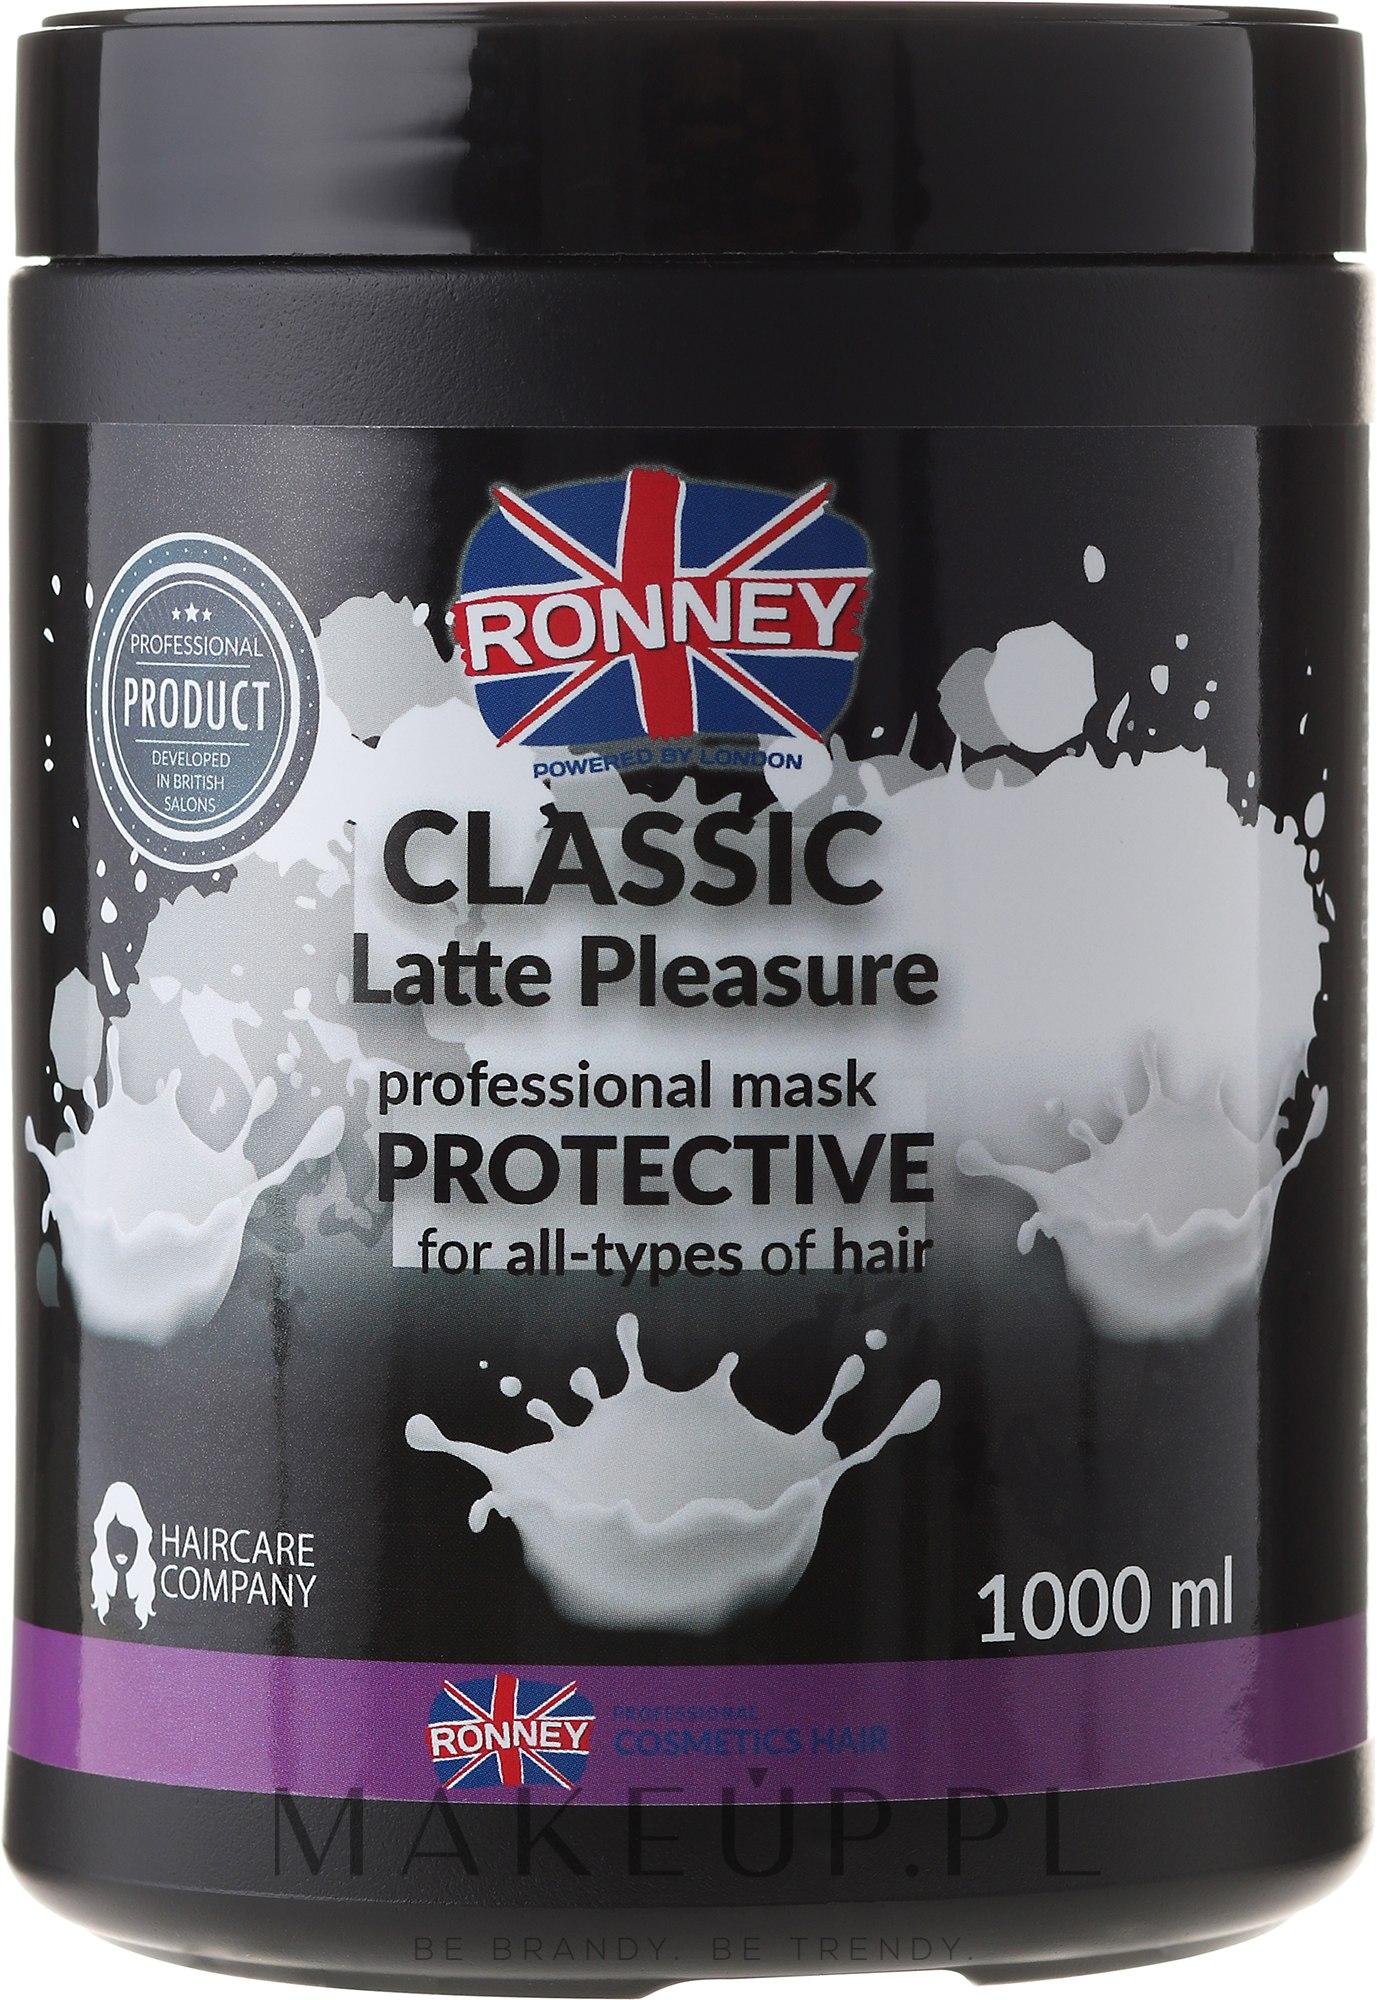 Ochronna mleczna maska do wszystkich rodzajów włosów - Ronney Professional Classic Latte Pleasure Protective Mask — фото 1000 ml